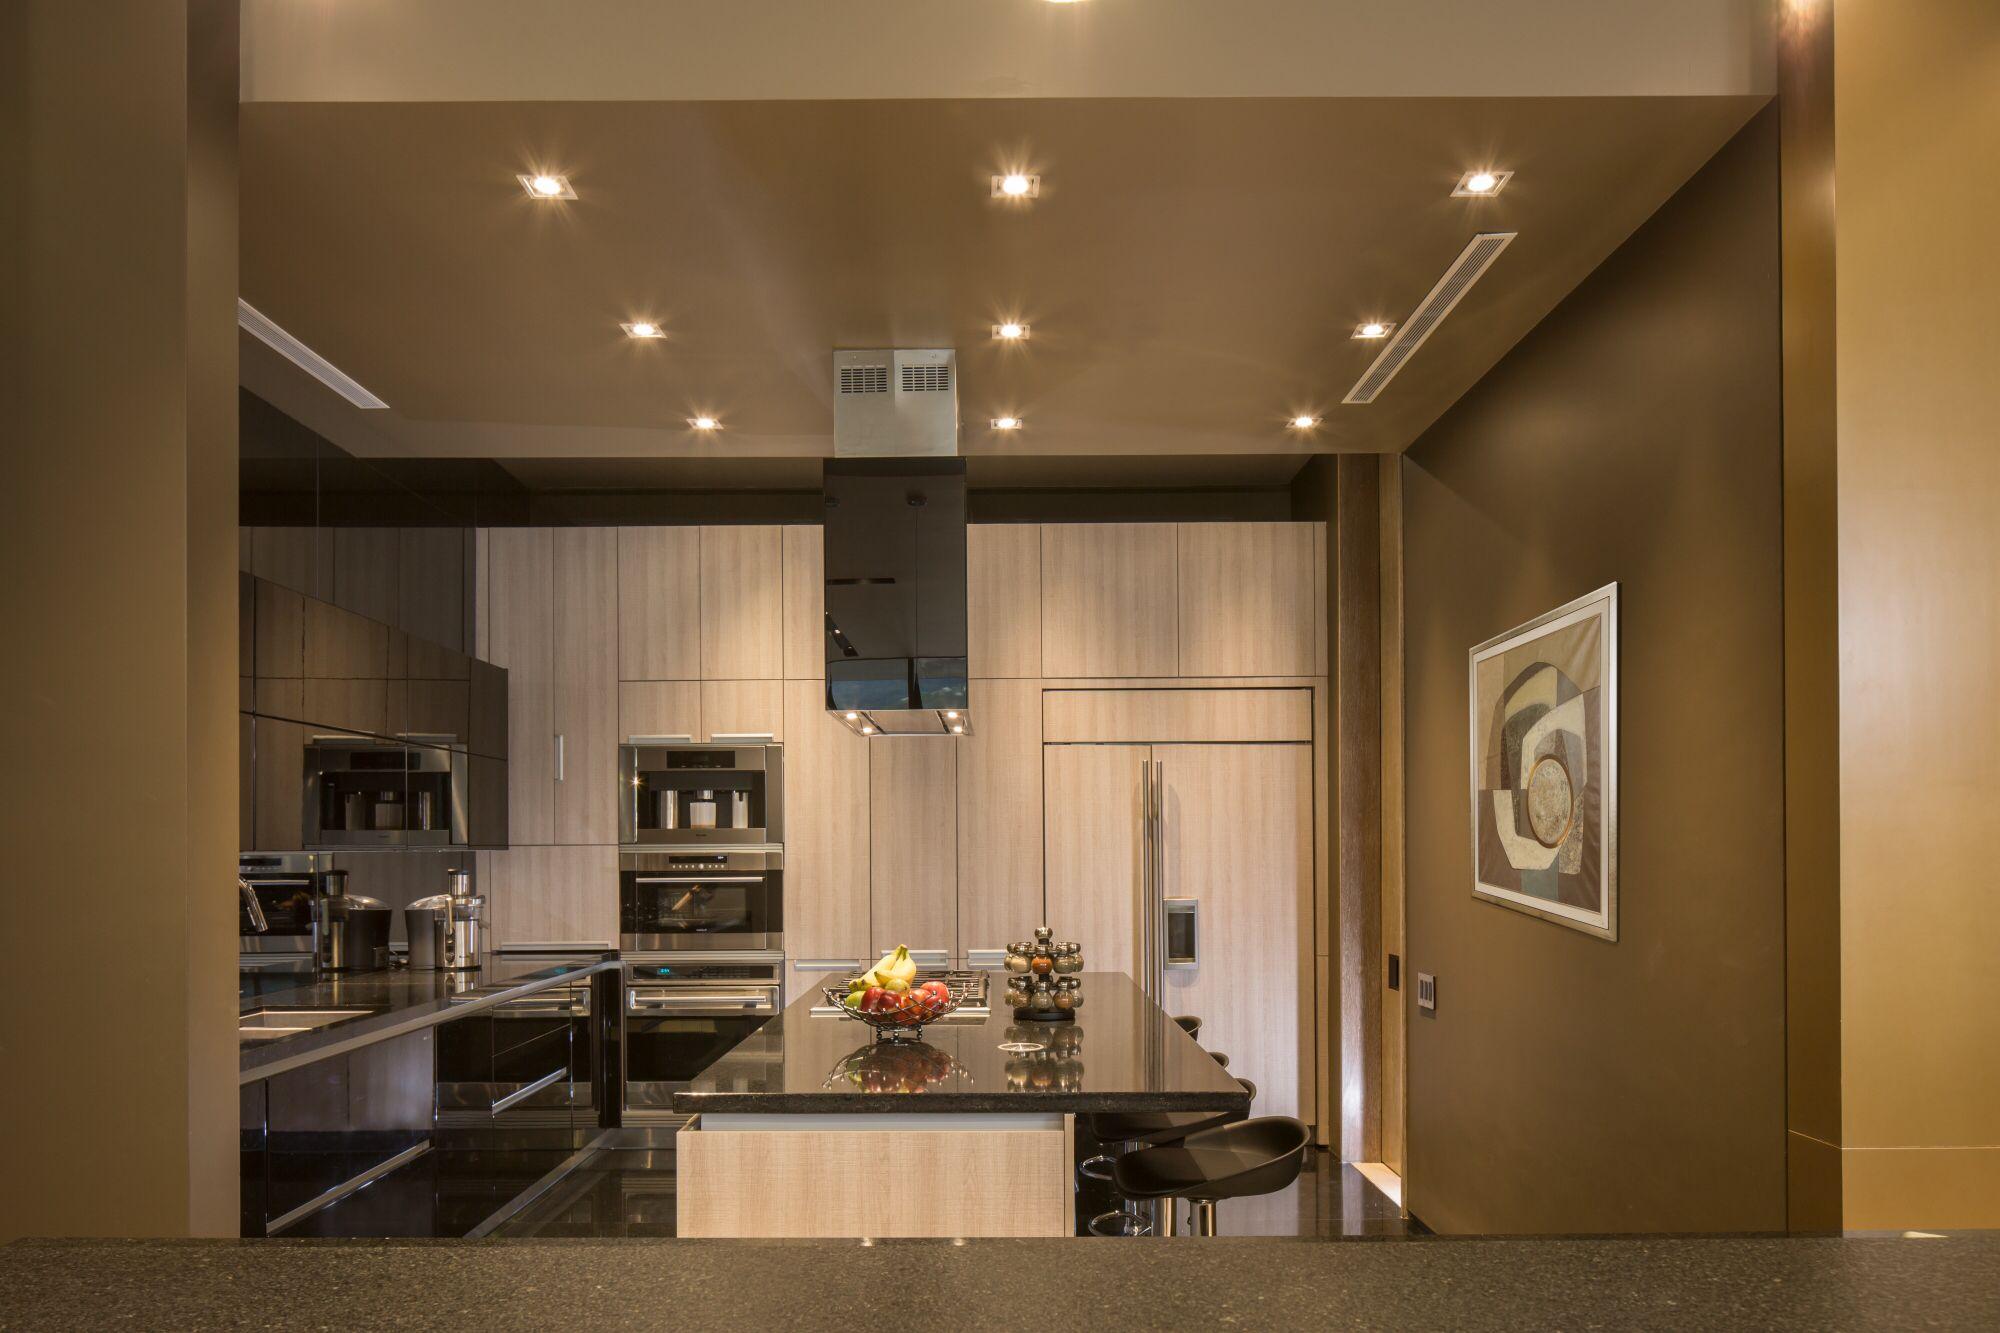 Muy pronto podrán conocer uno de nuestros últimos proyectos en nuestra página de internet www.linea-vertical.com y en Facebook /lineavertical.info #interiordesign #architecture #design #kitchen #topdesign